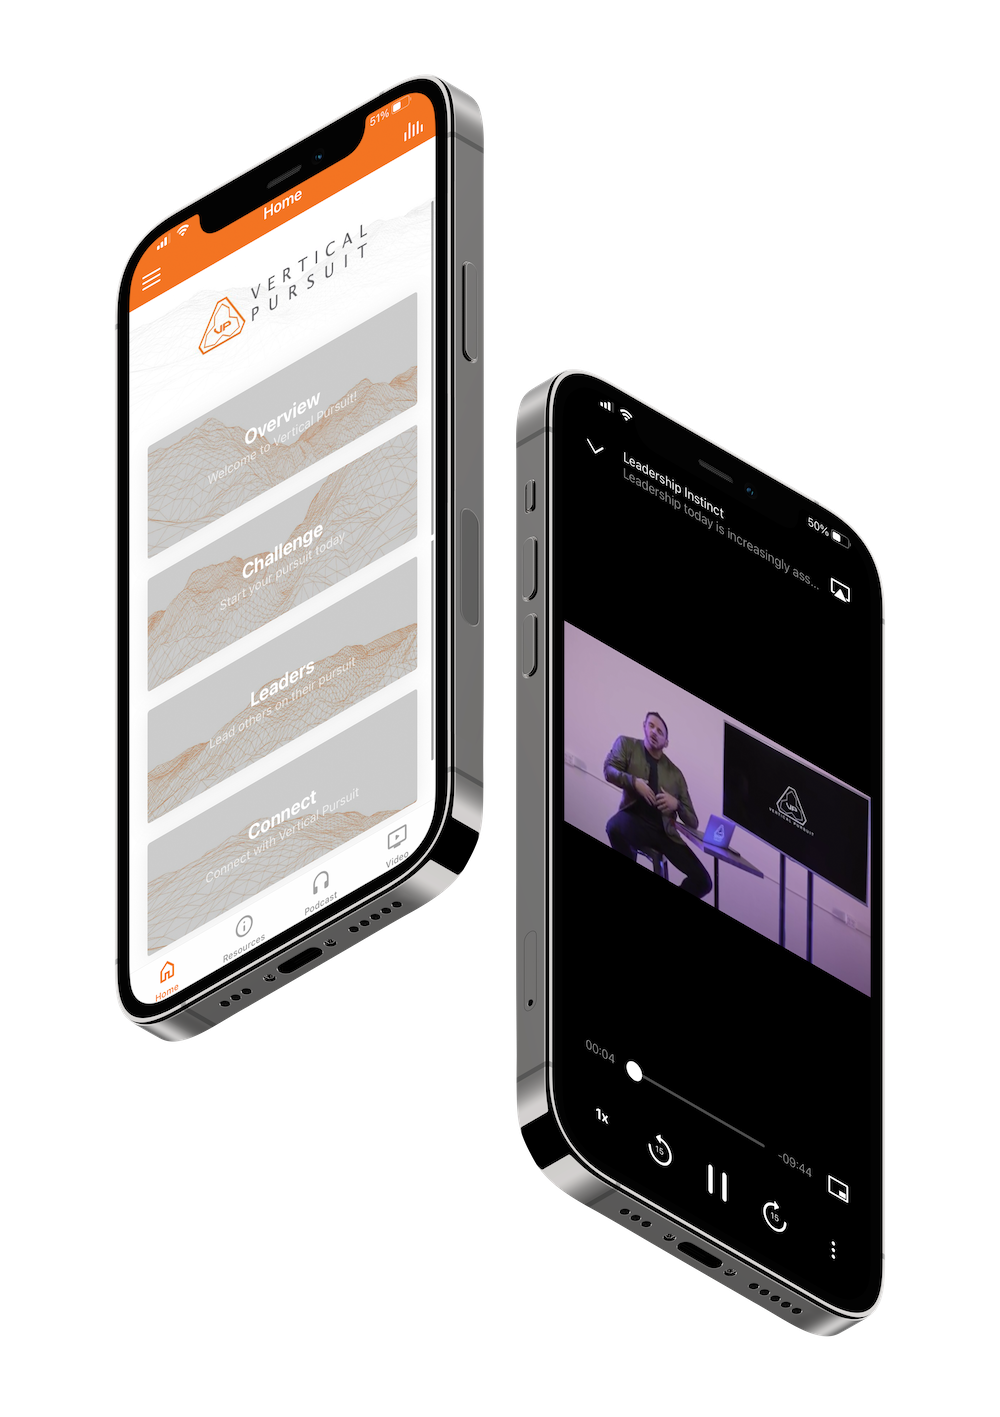 Vertical-Pursuit-App